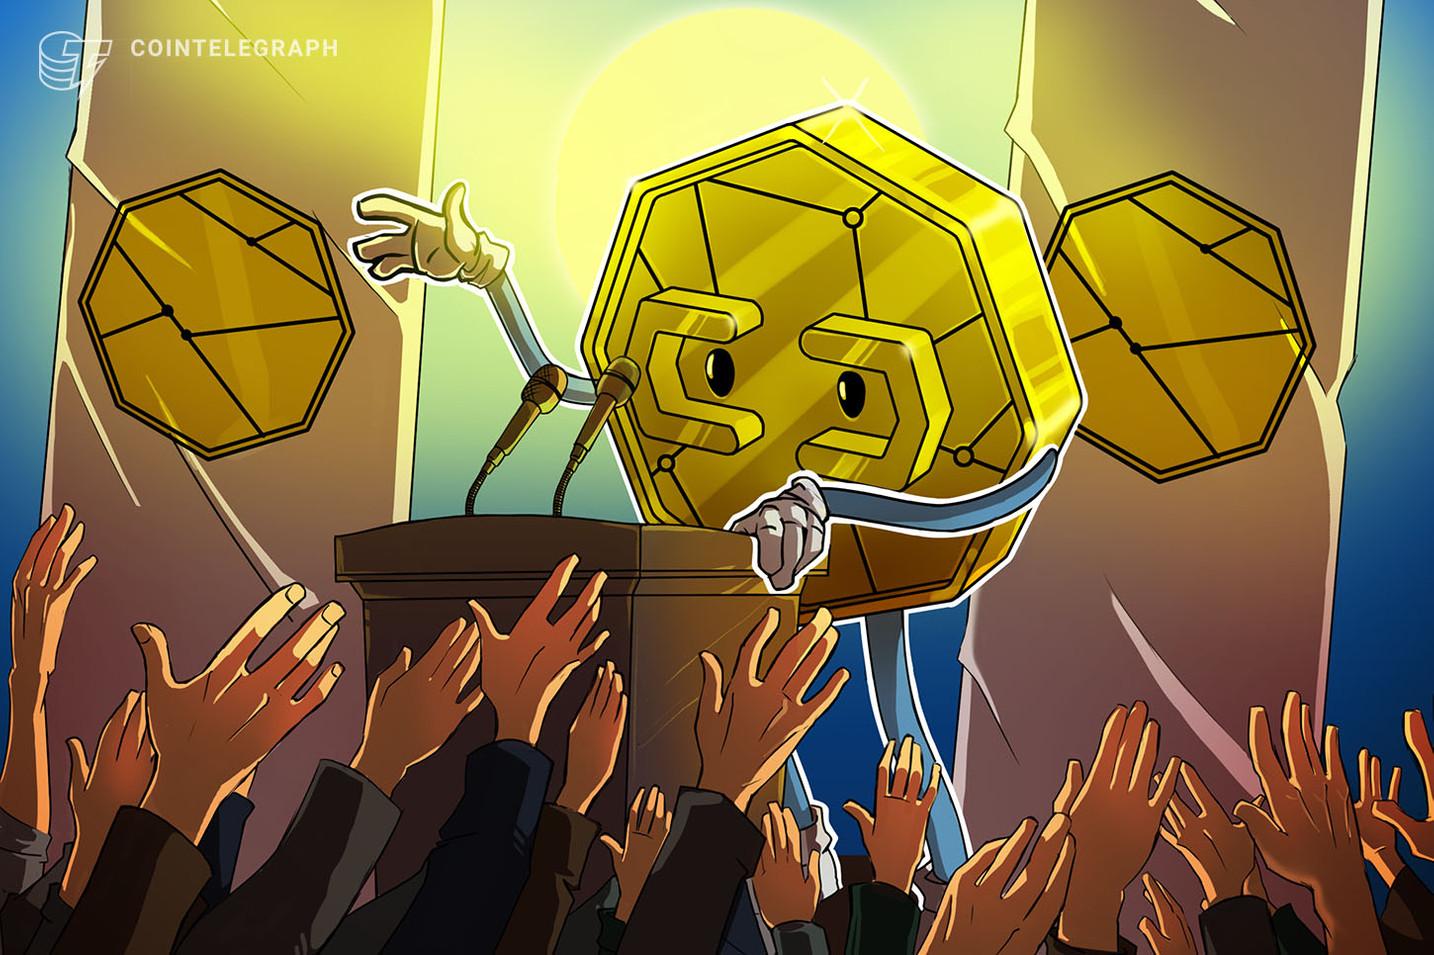 Crypto.com Kripto Sektöründe Şimdiye Kadarki En Büyük Sigorta Poliçesini Aldı